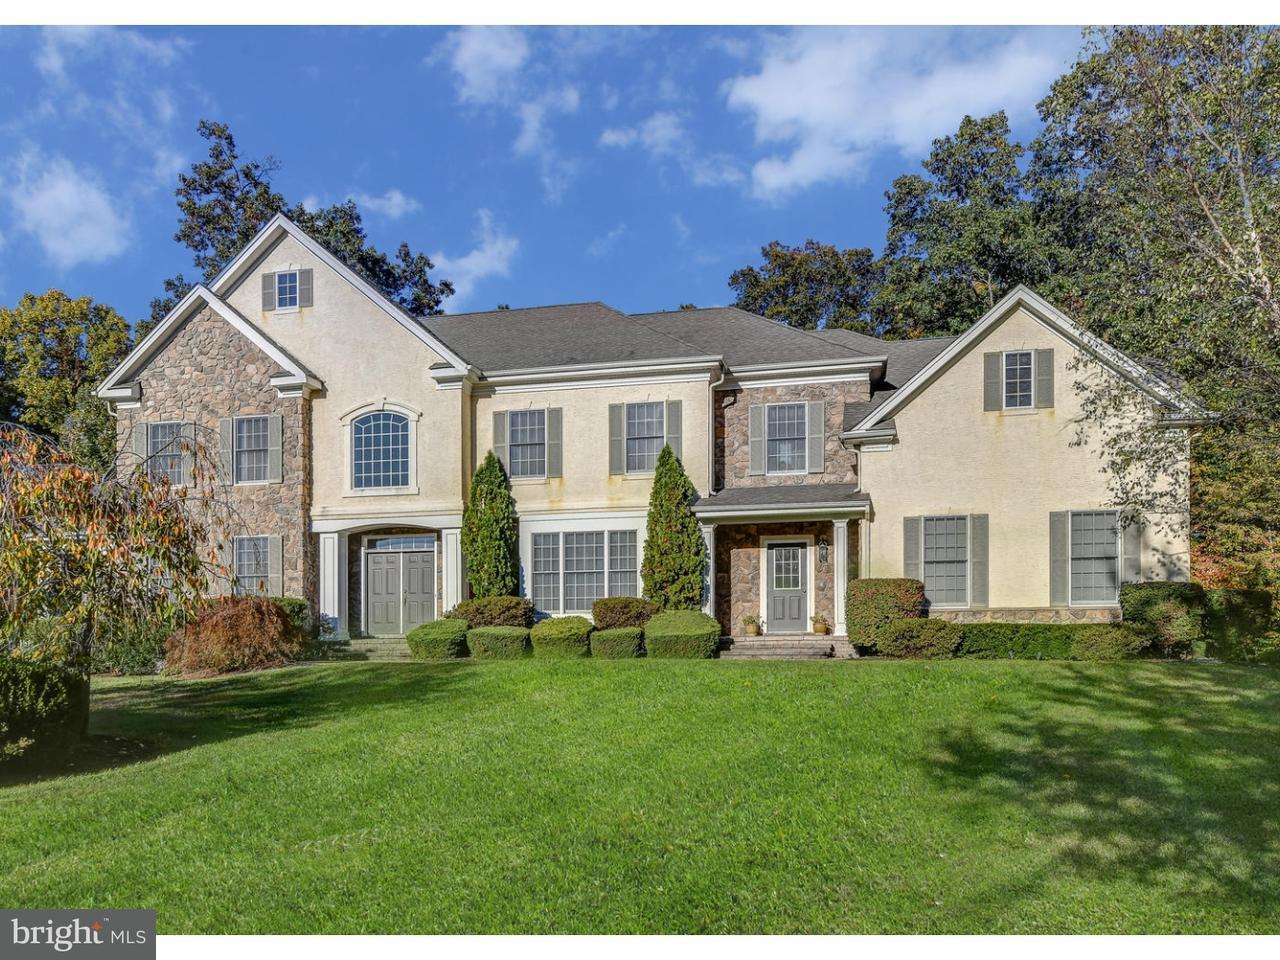 Casa Unifamiliar por un Venta en 10 ICHABOD Lane Allentown, Nueva Jersey 08501 Estados UnidosEn/Alrededor: Upper Freehold Township